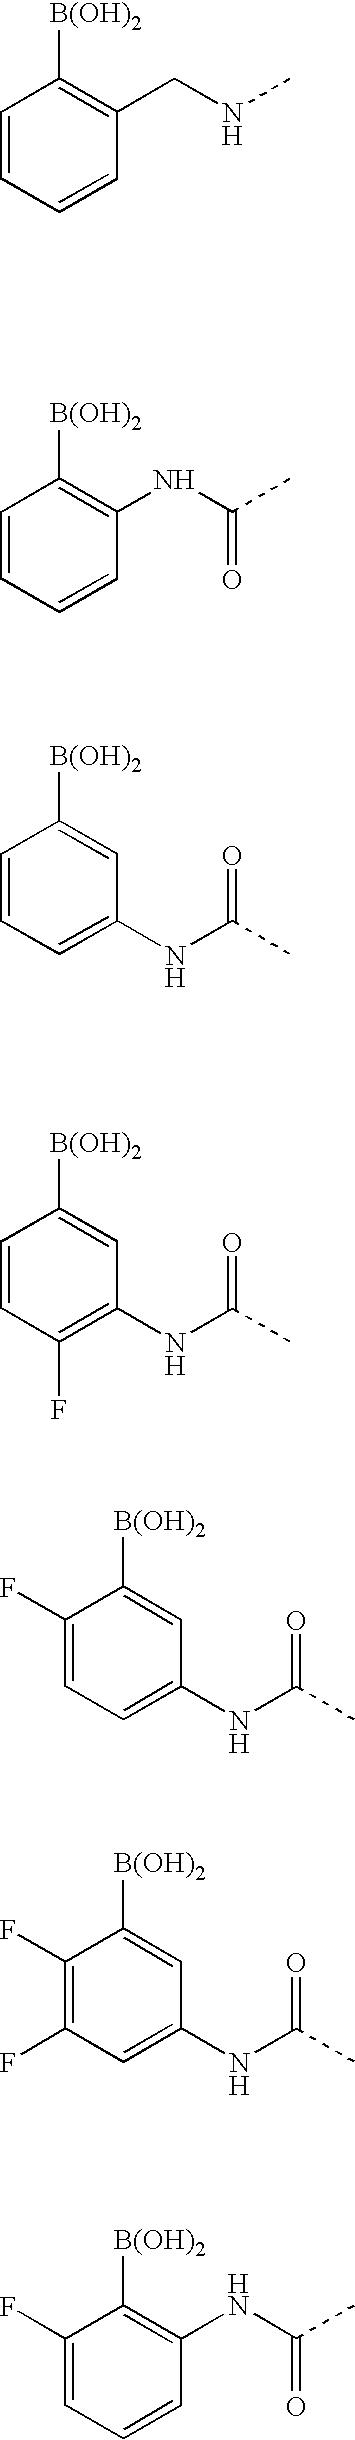 Figure US07998412-20110816-C00004